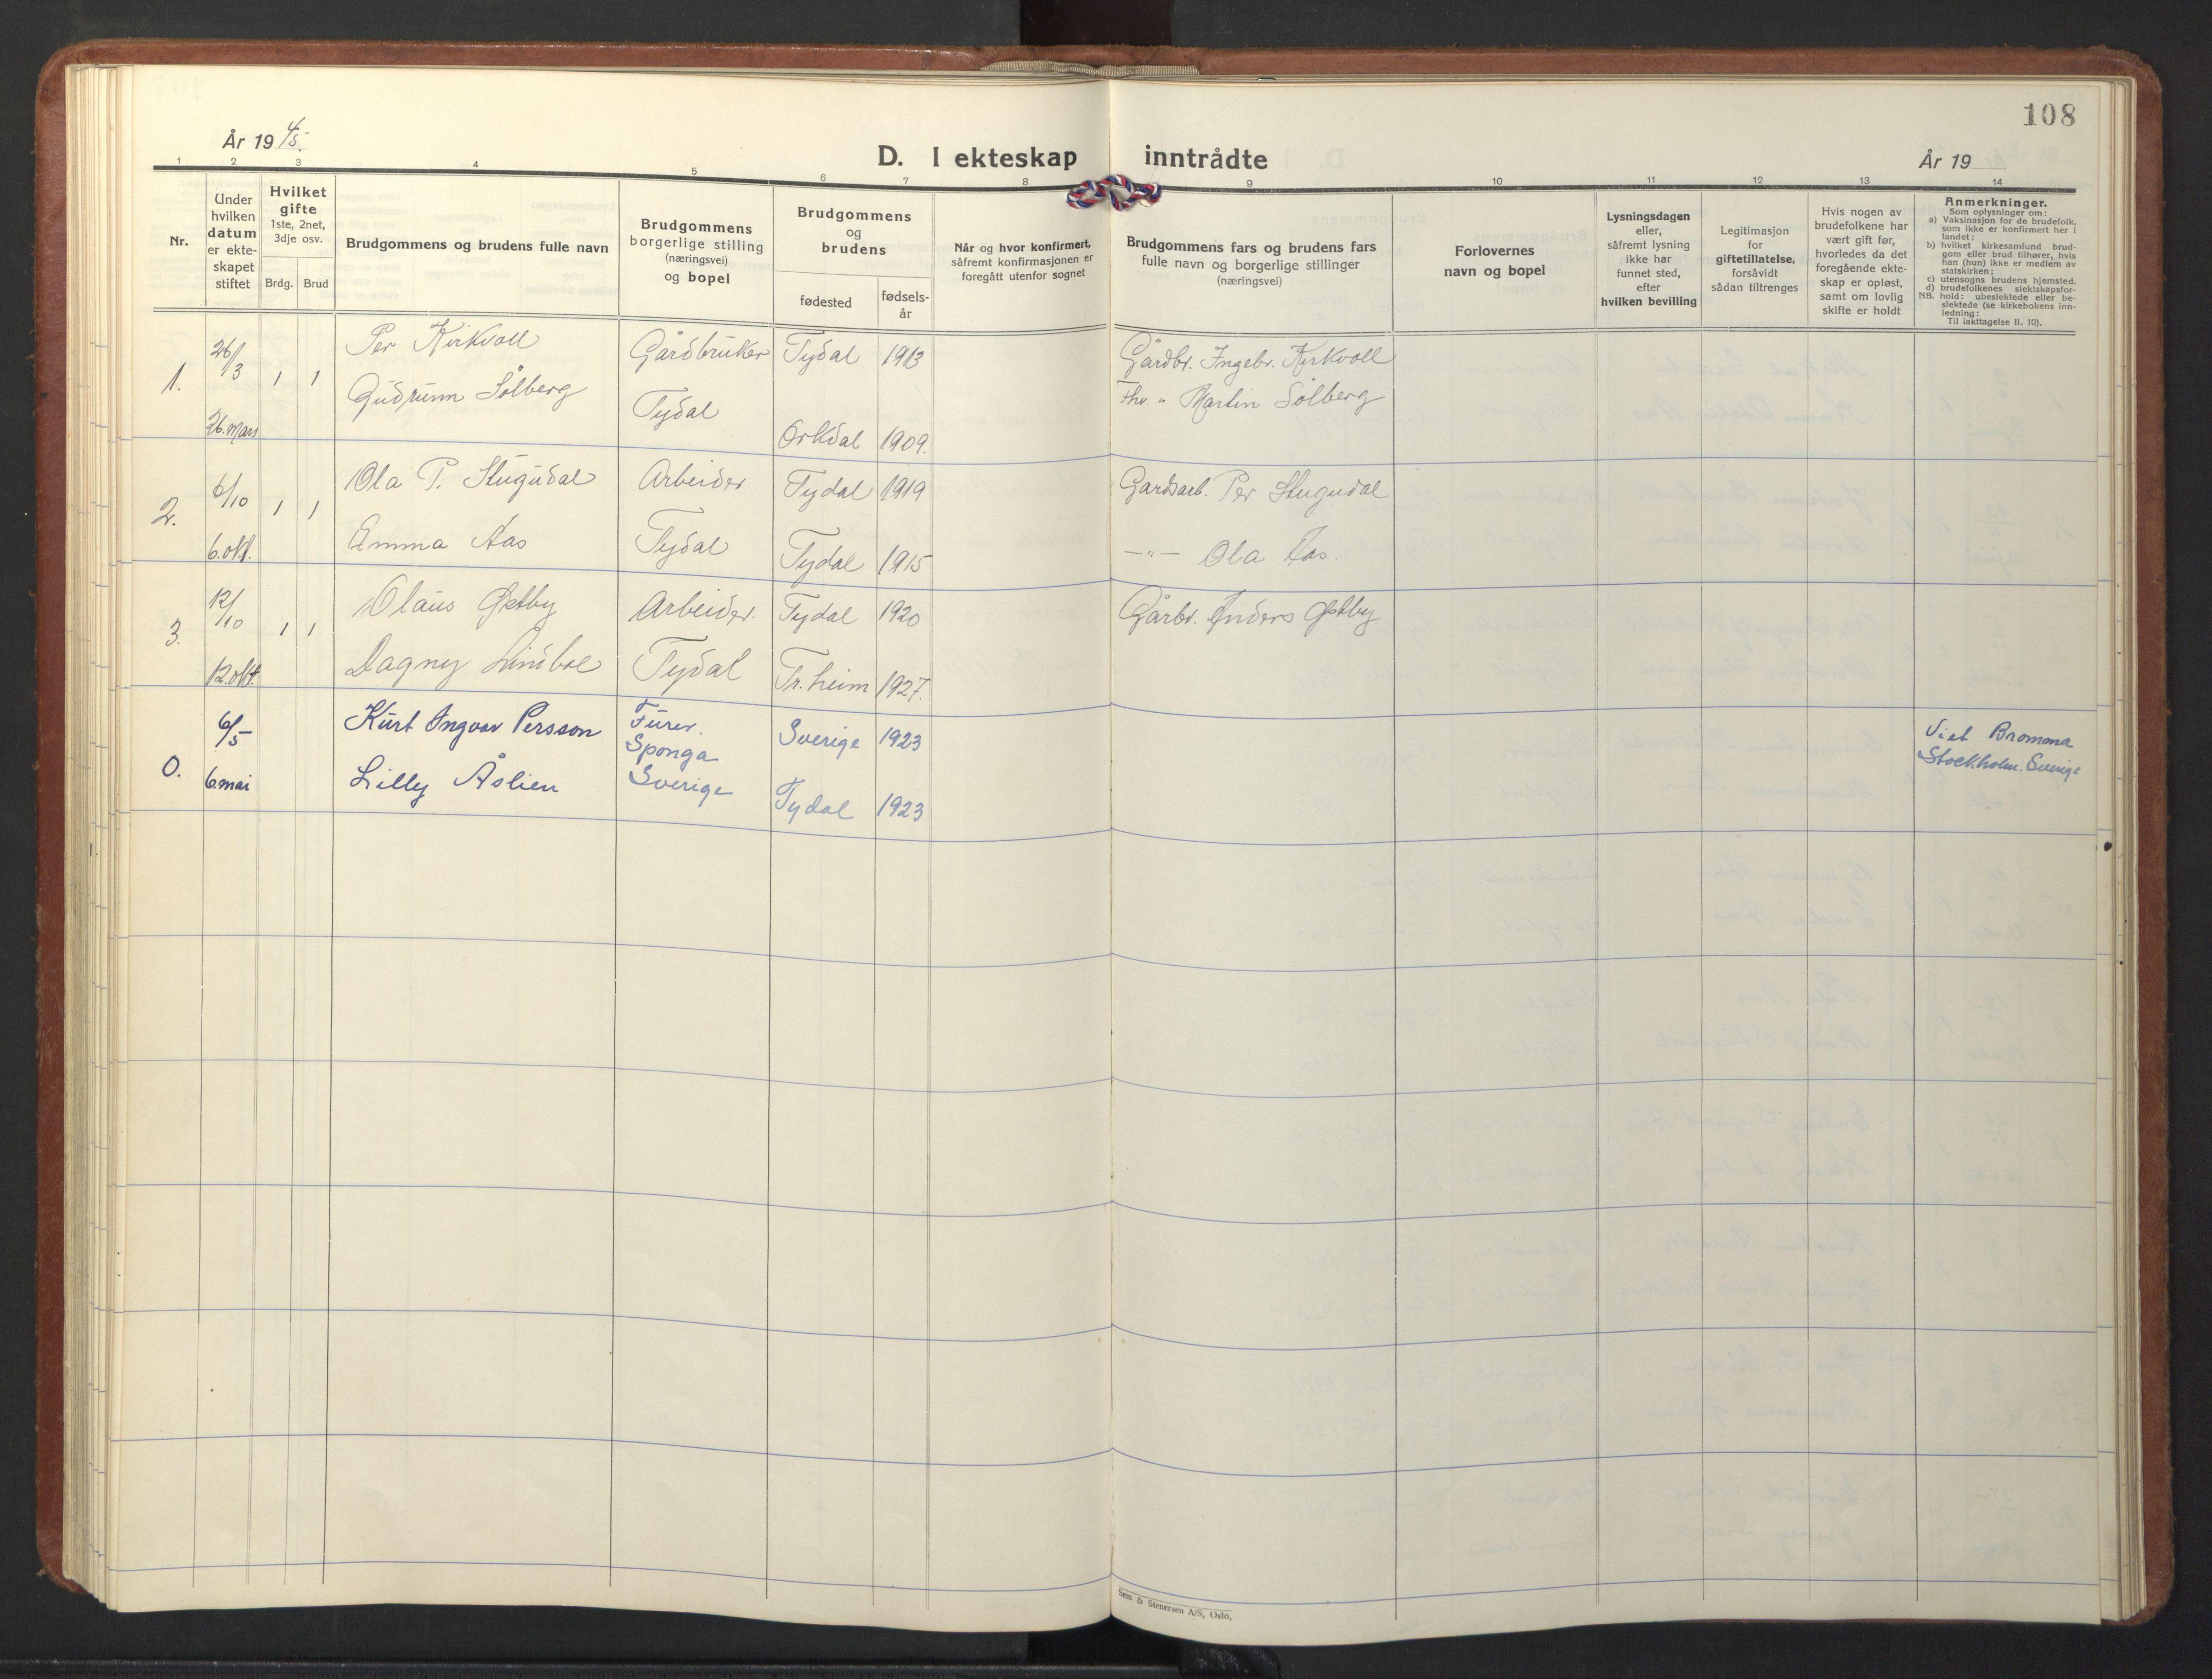 SAT, Ministerialprotokoller, klokkerbøker og fødselsregistre - Sør-Trøndelag, 698/L1169: Klokkerbok nr. 698C06, 1930-1949, s. 108